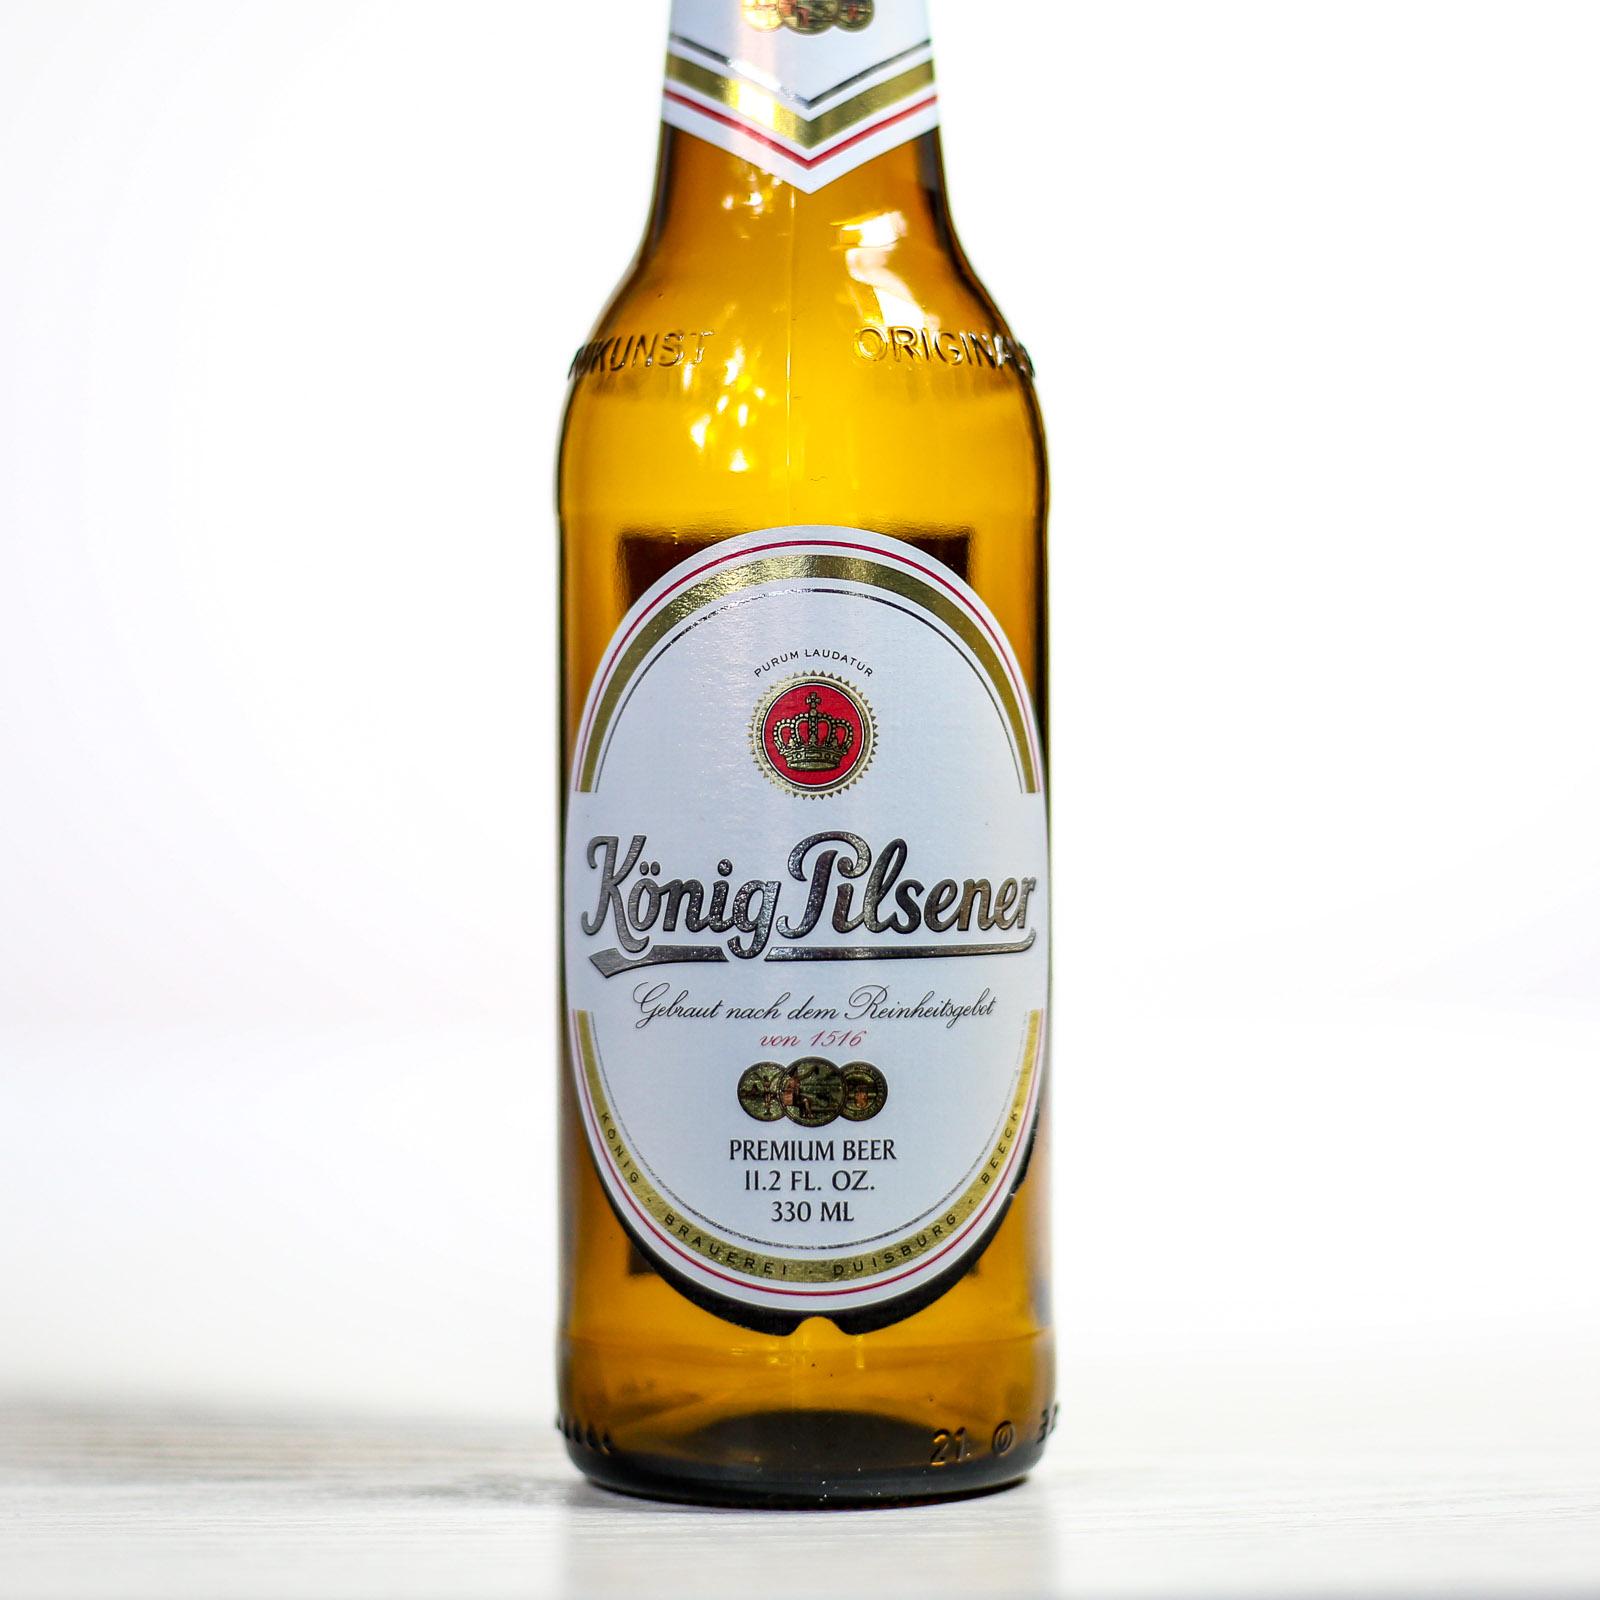 König Brauerei - König Pilsener